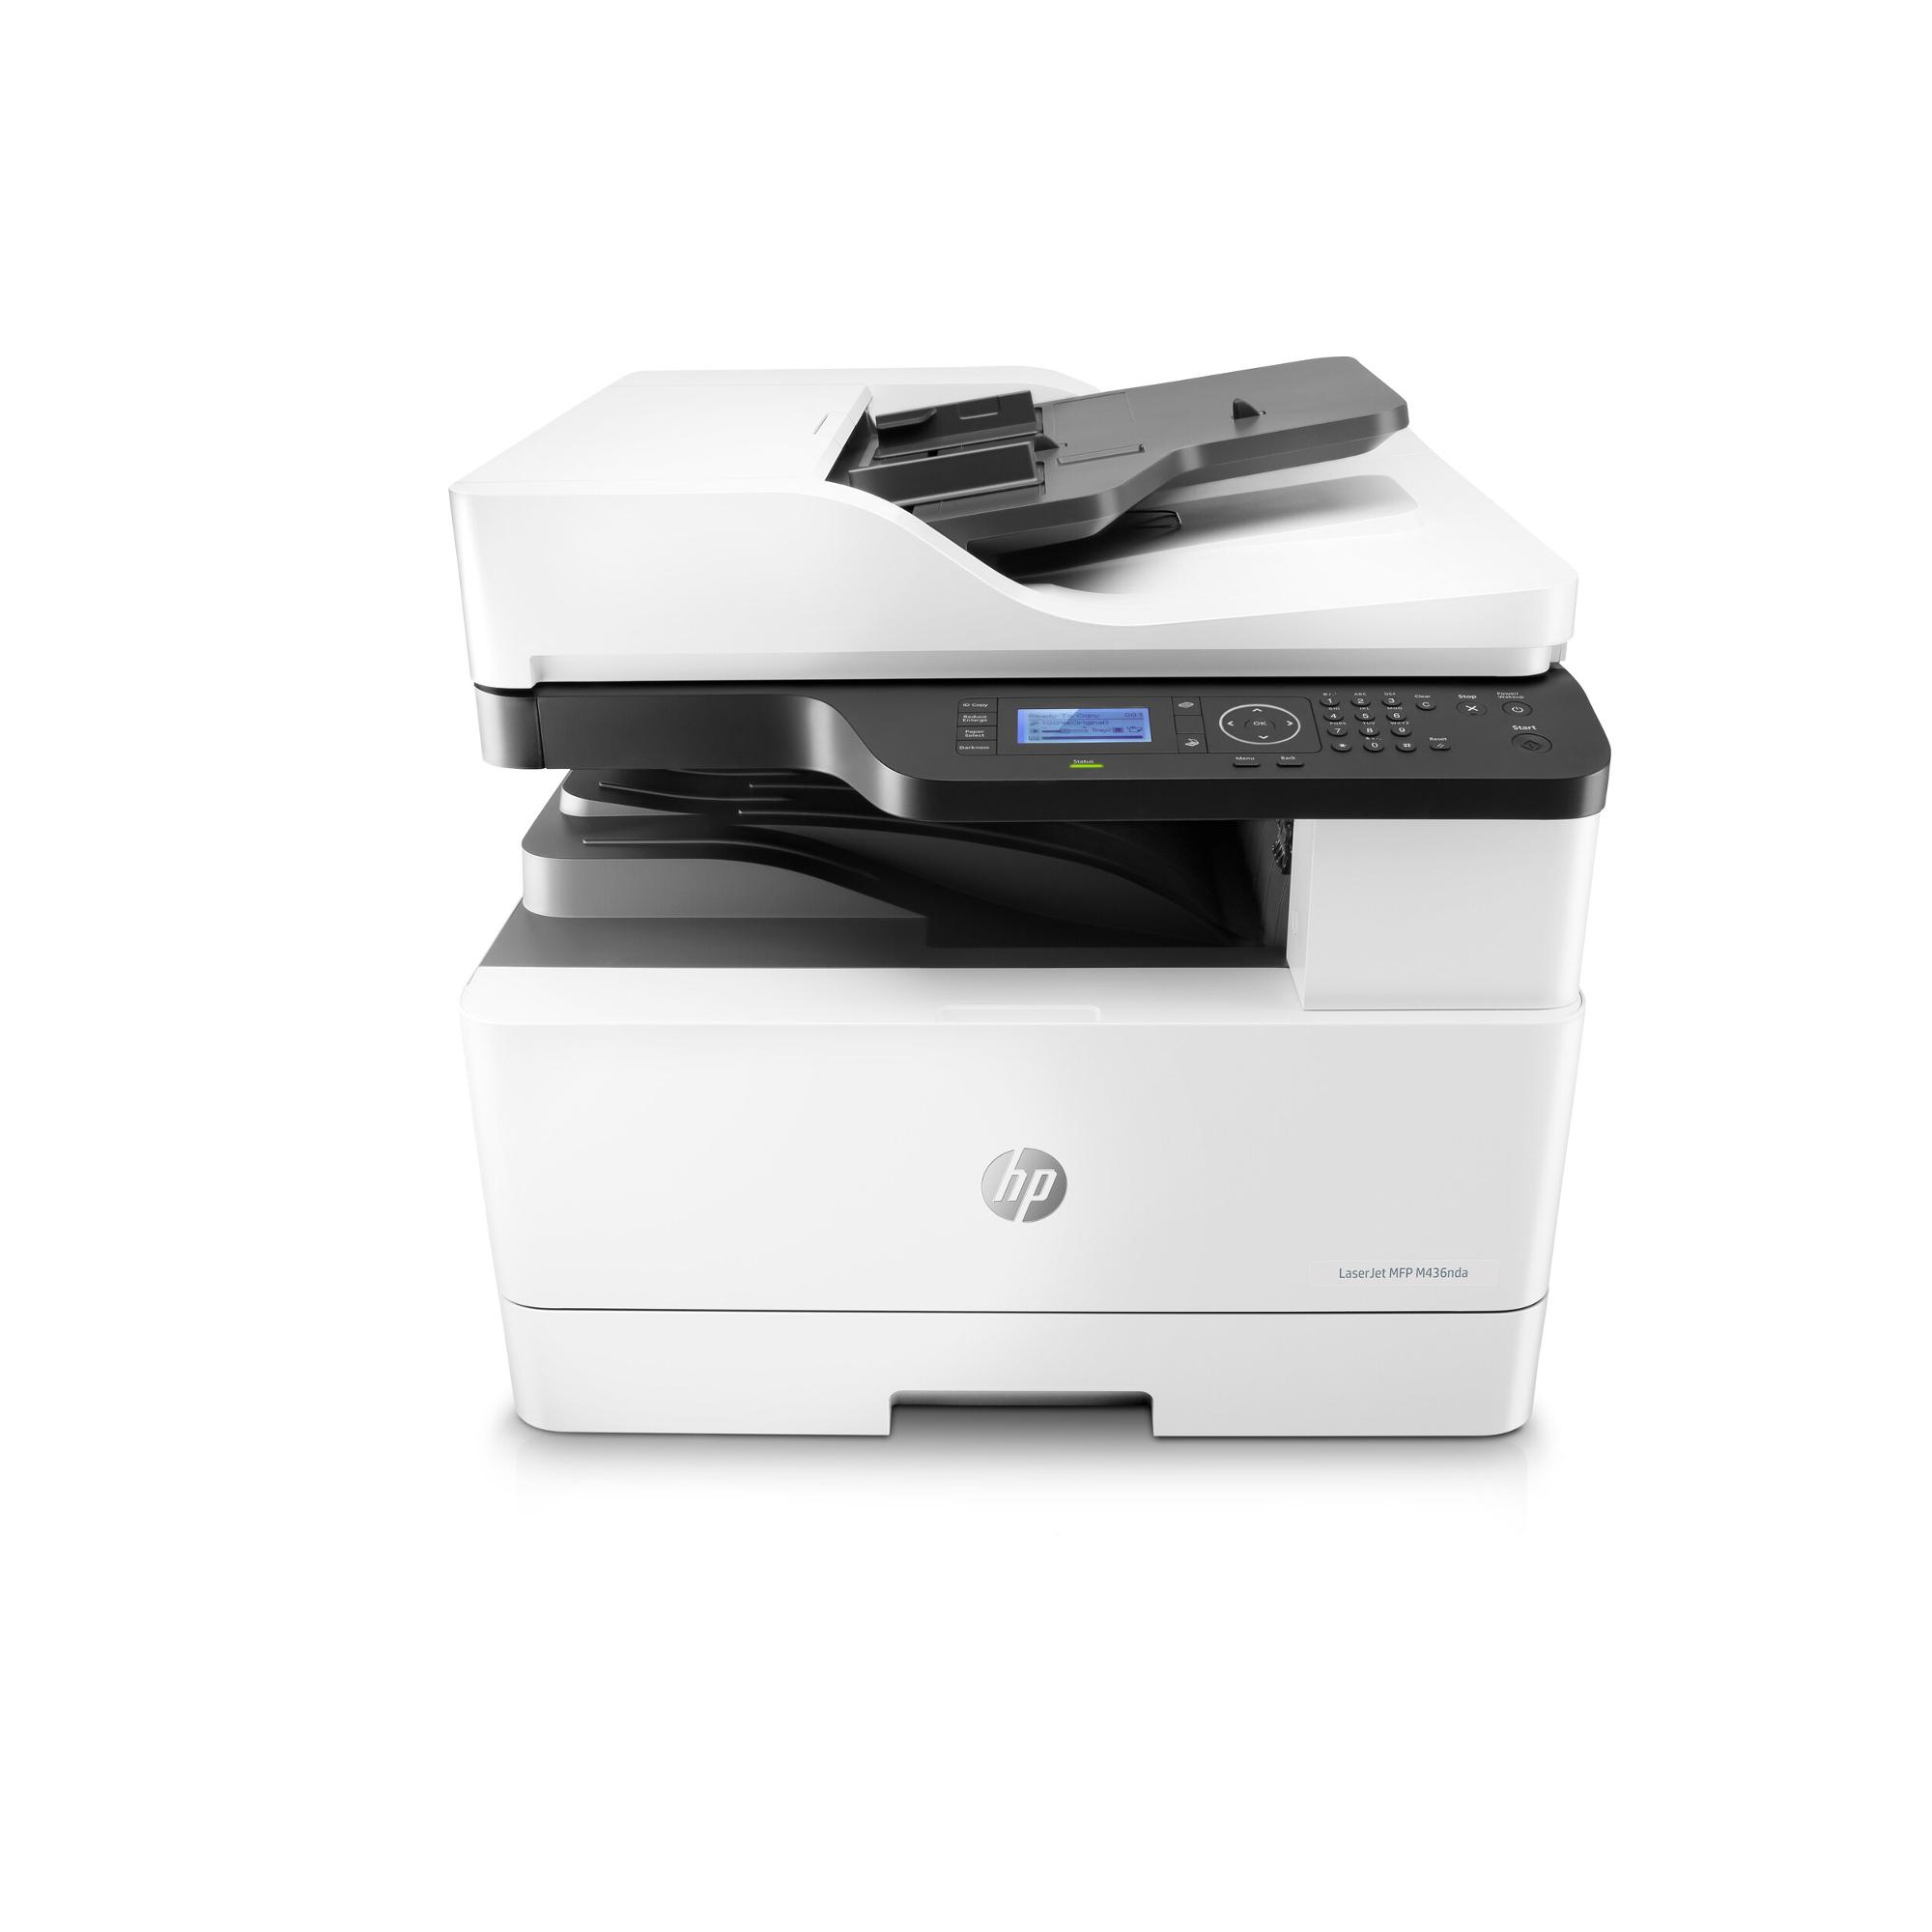 Noleggio Stampante Multifunzione HP LaserJet Pro M436nda - Lyreco print services